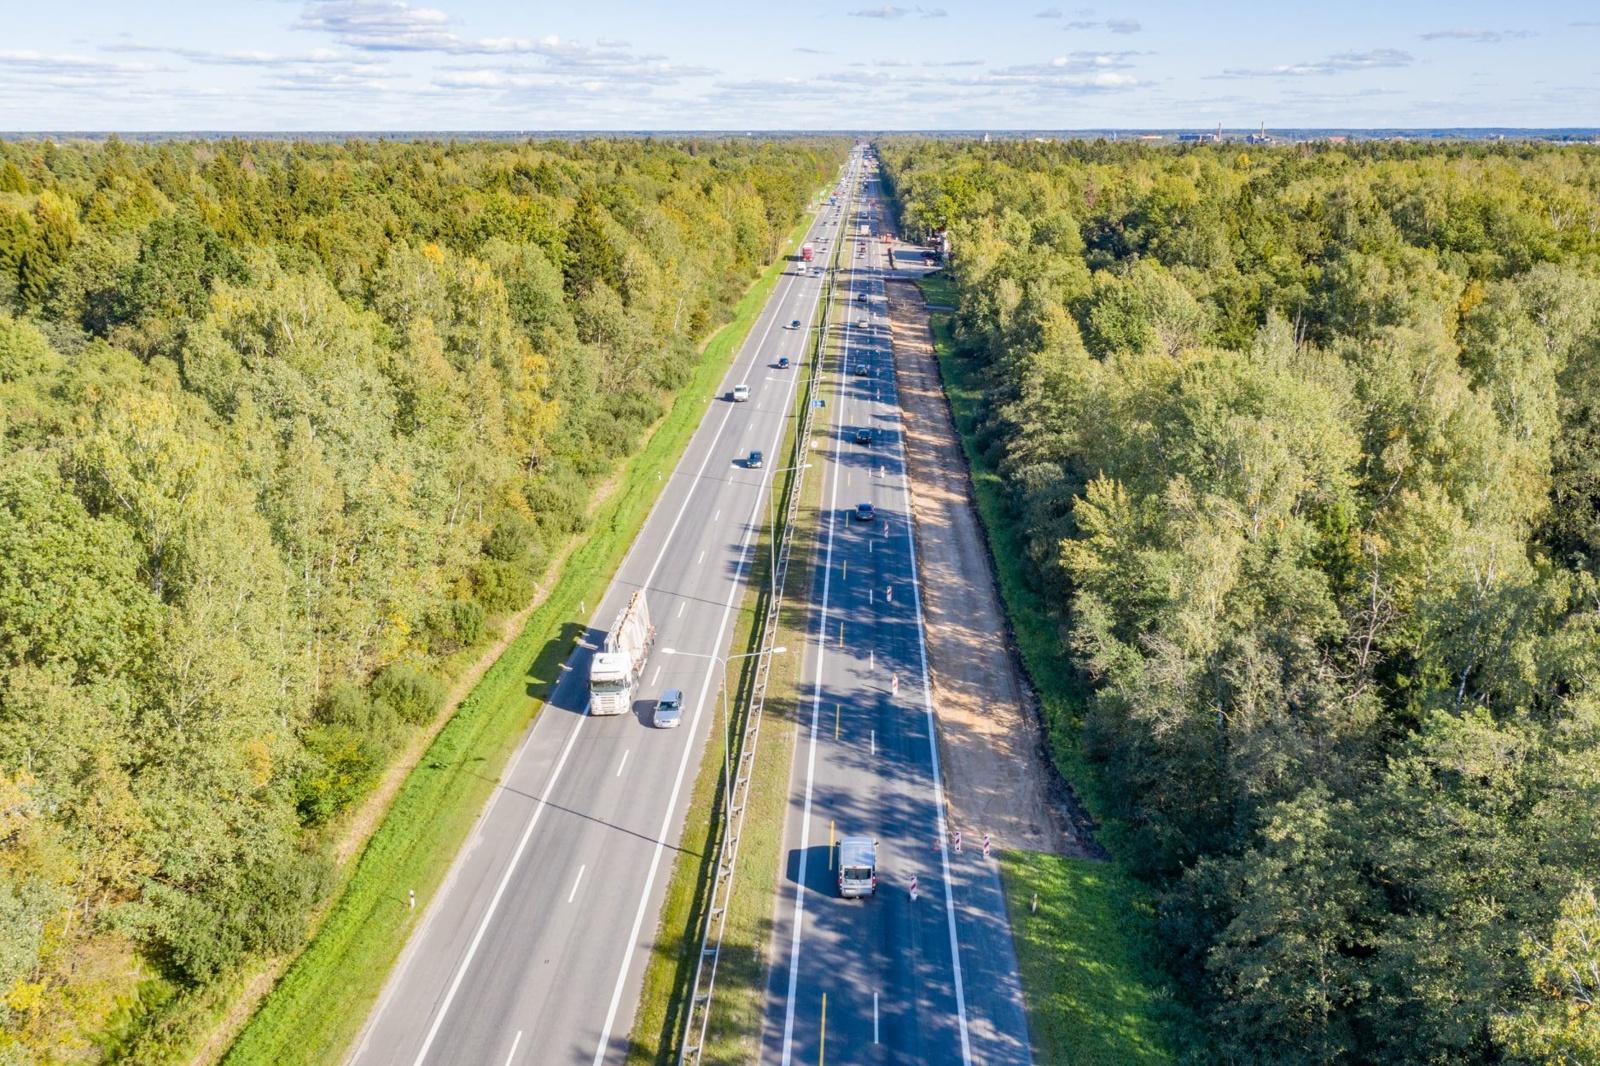 Pradedama beveik 43 mln. eurų kainuosianti A1 kelio atkarpos Vilnius-Kaunas rekonstrukcija